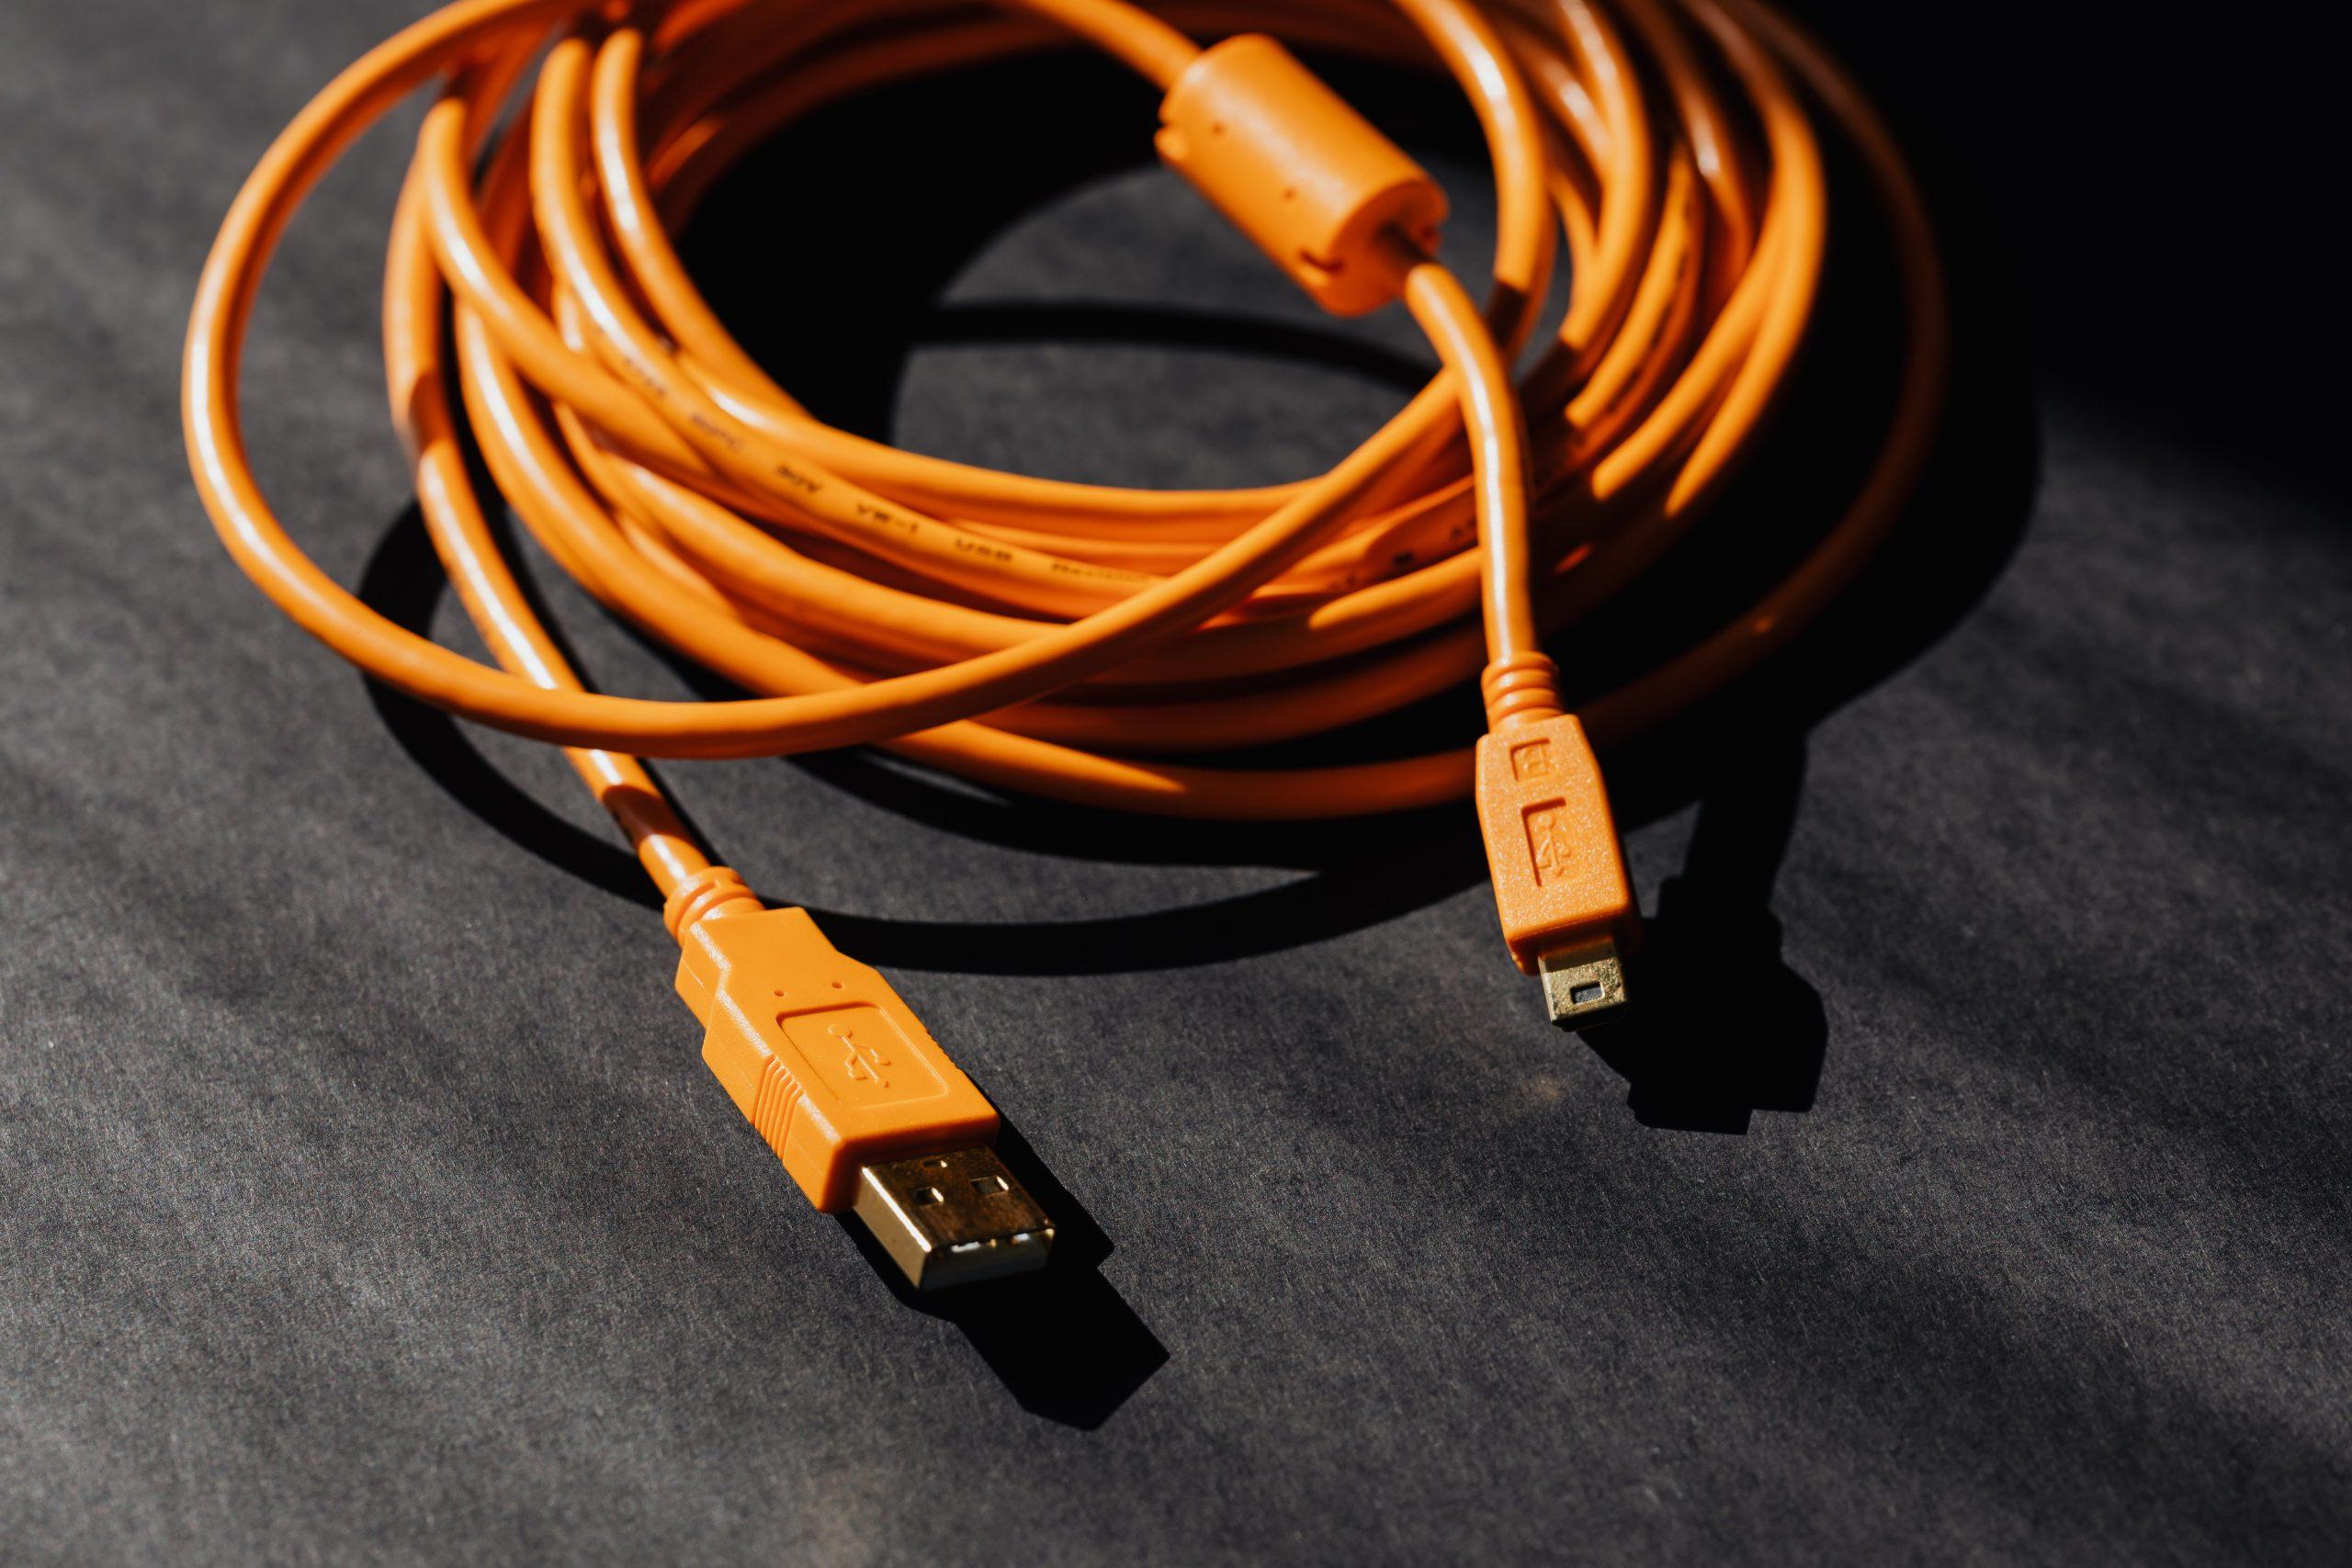 ¡¿Por?! Joven se introduce un cable USB en el pene y termina en el hospital